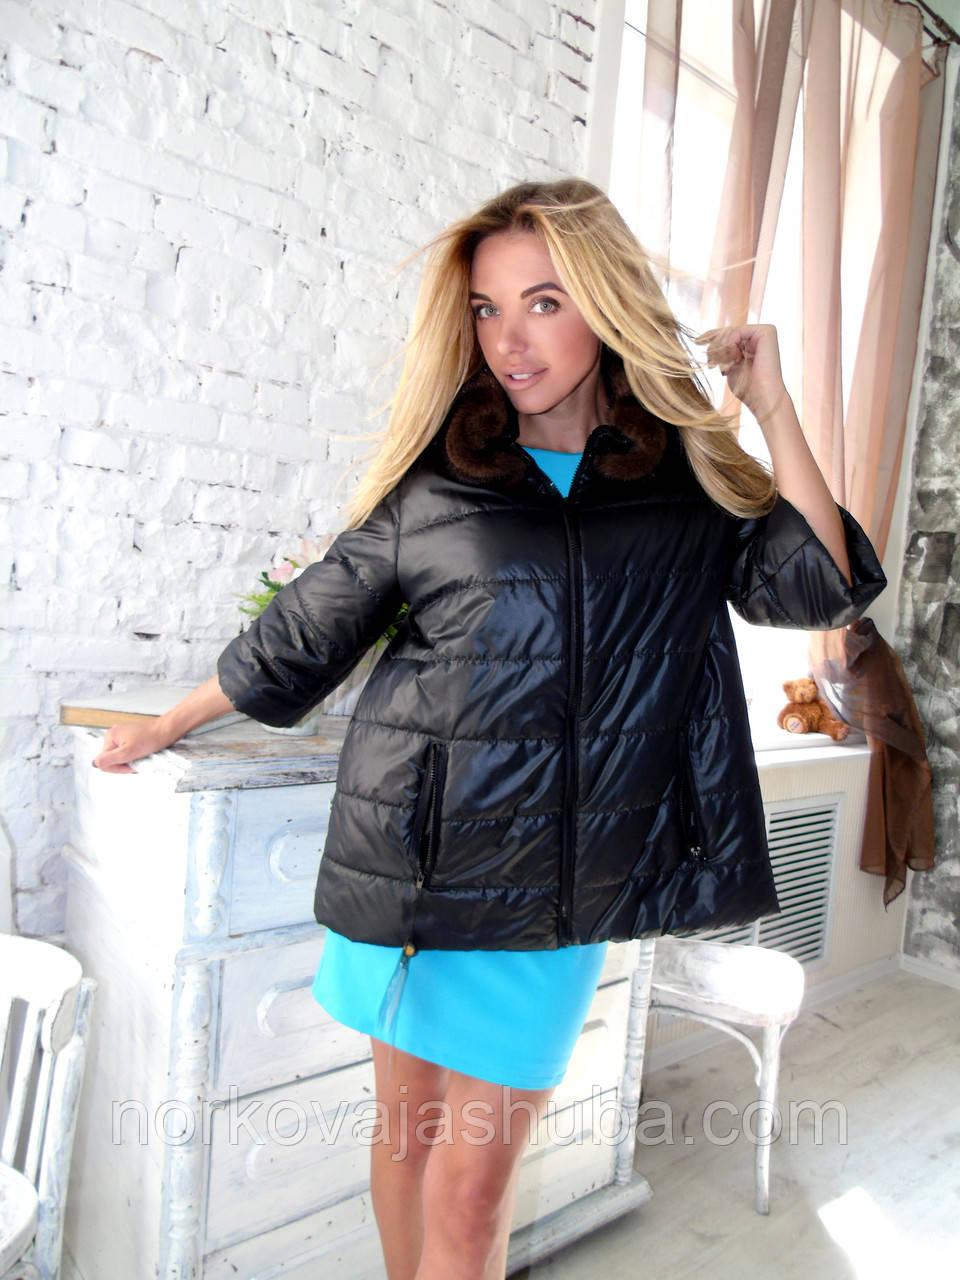 f740b555dfe6 Купить куртку женская воротник отстегивается норка 46 48 - Интернет-магазин  FUR STAR в Харькове